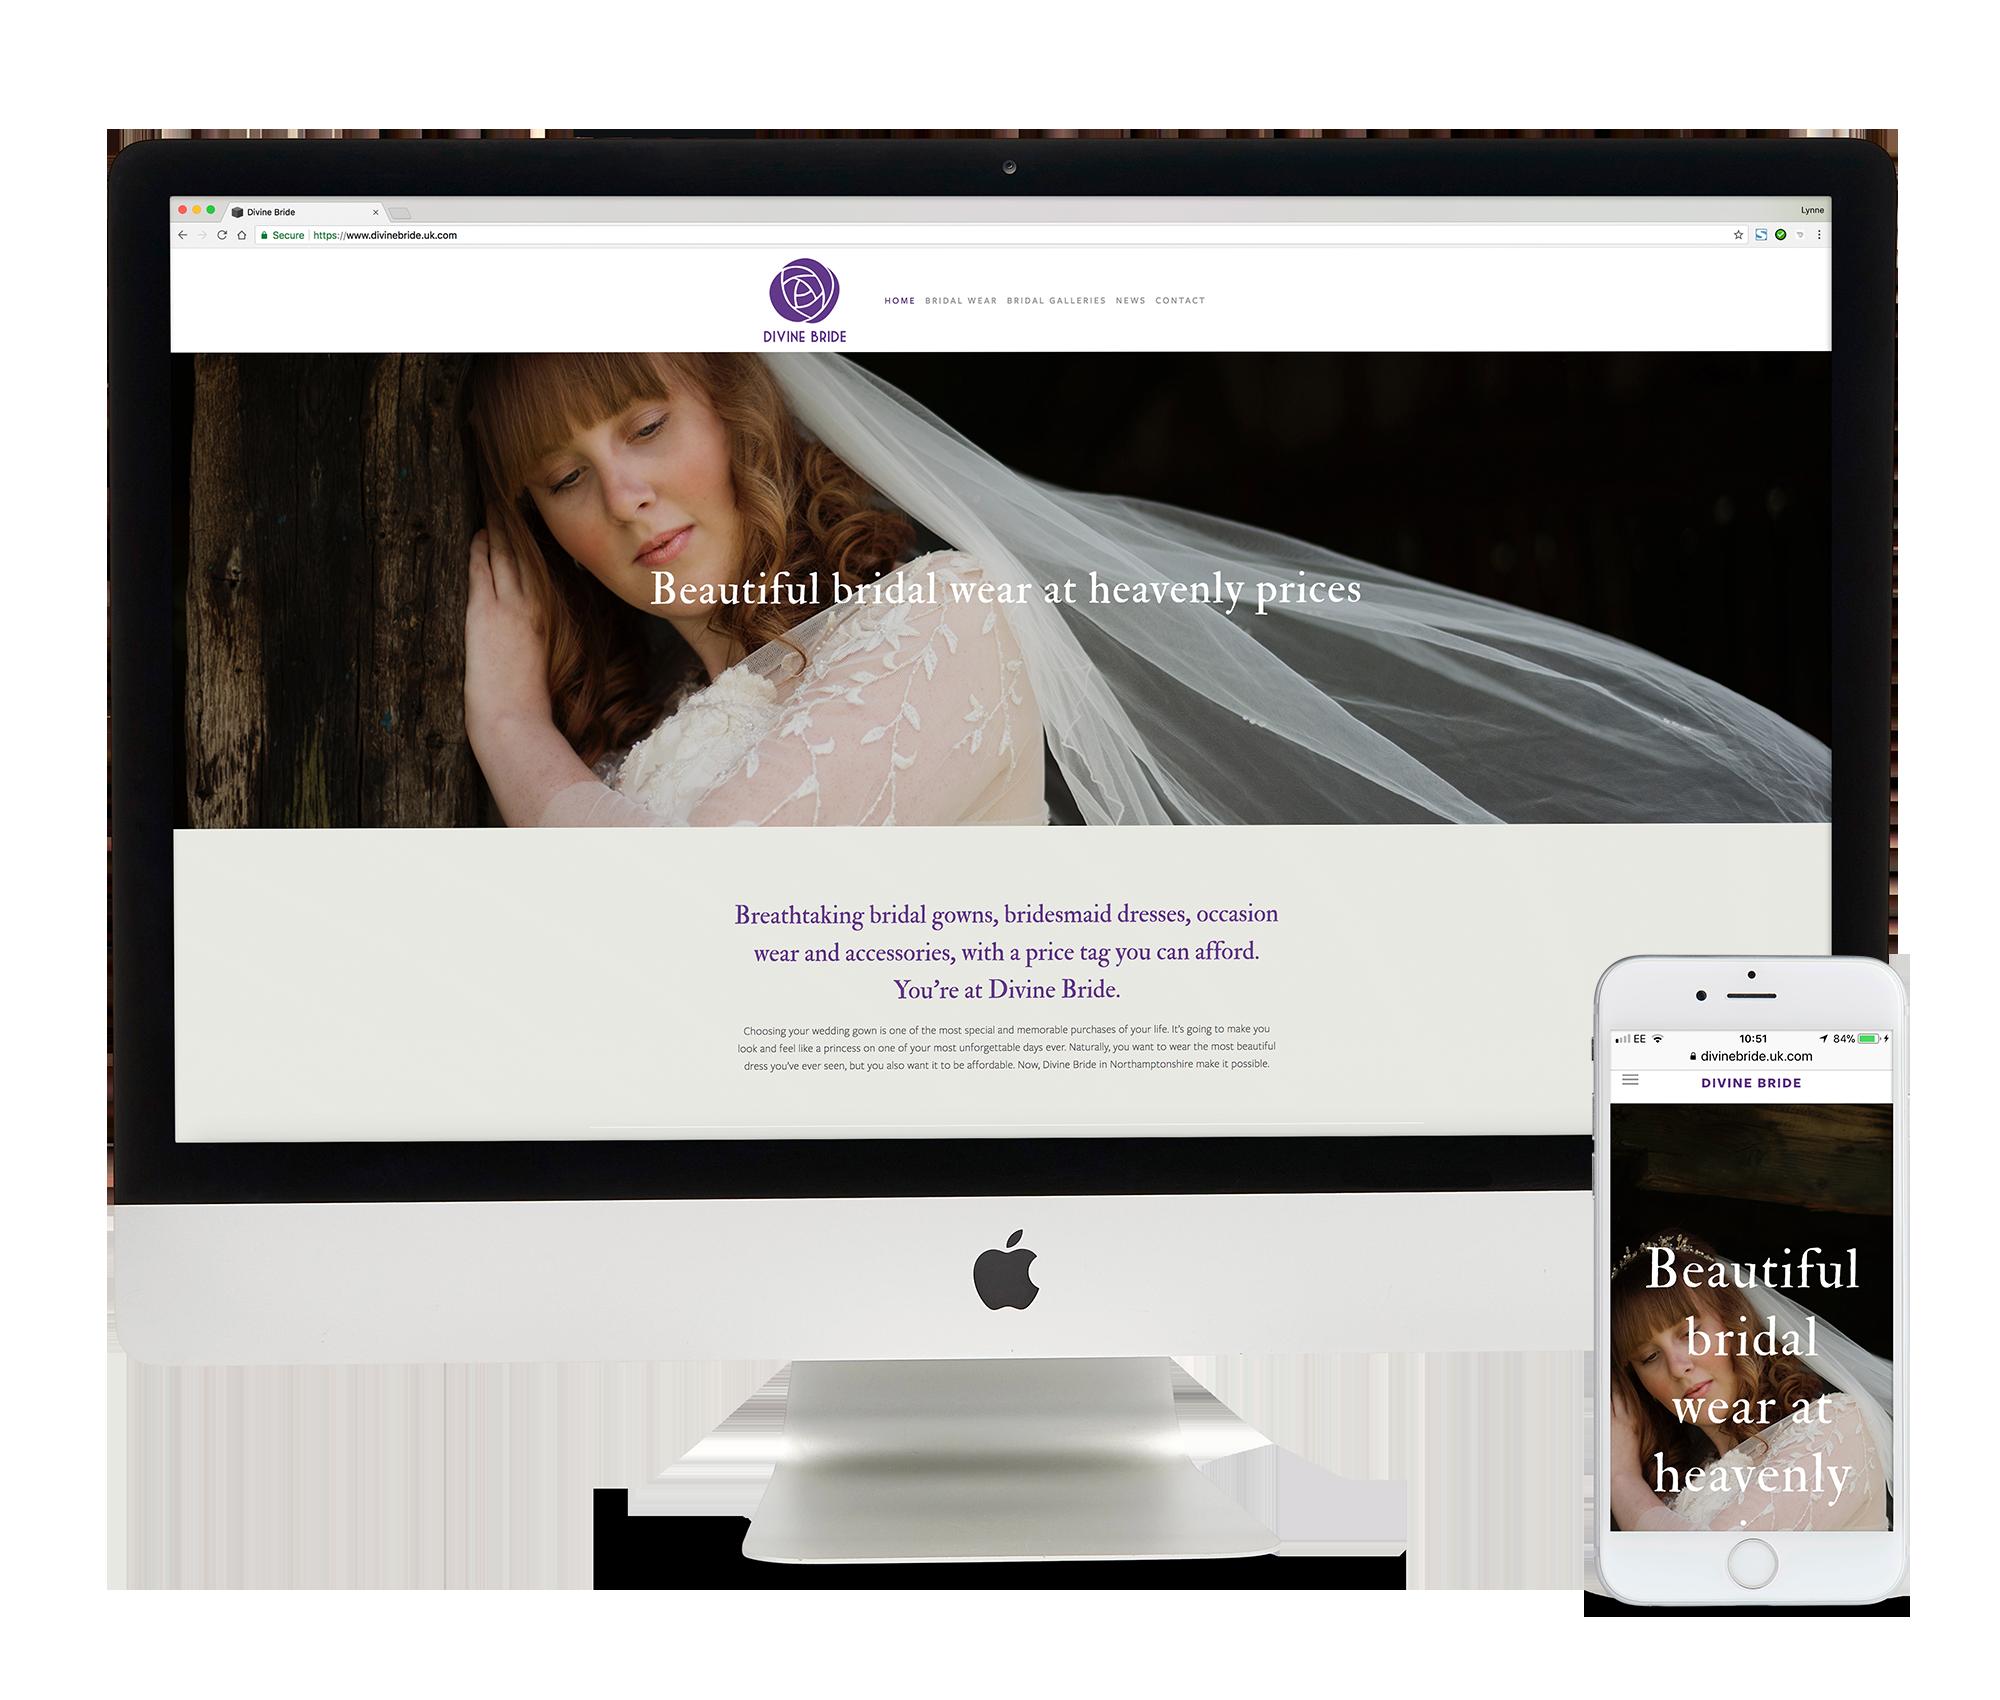 divine-bride-website.png